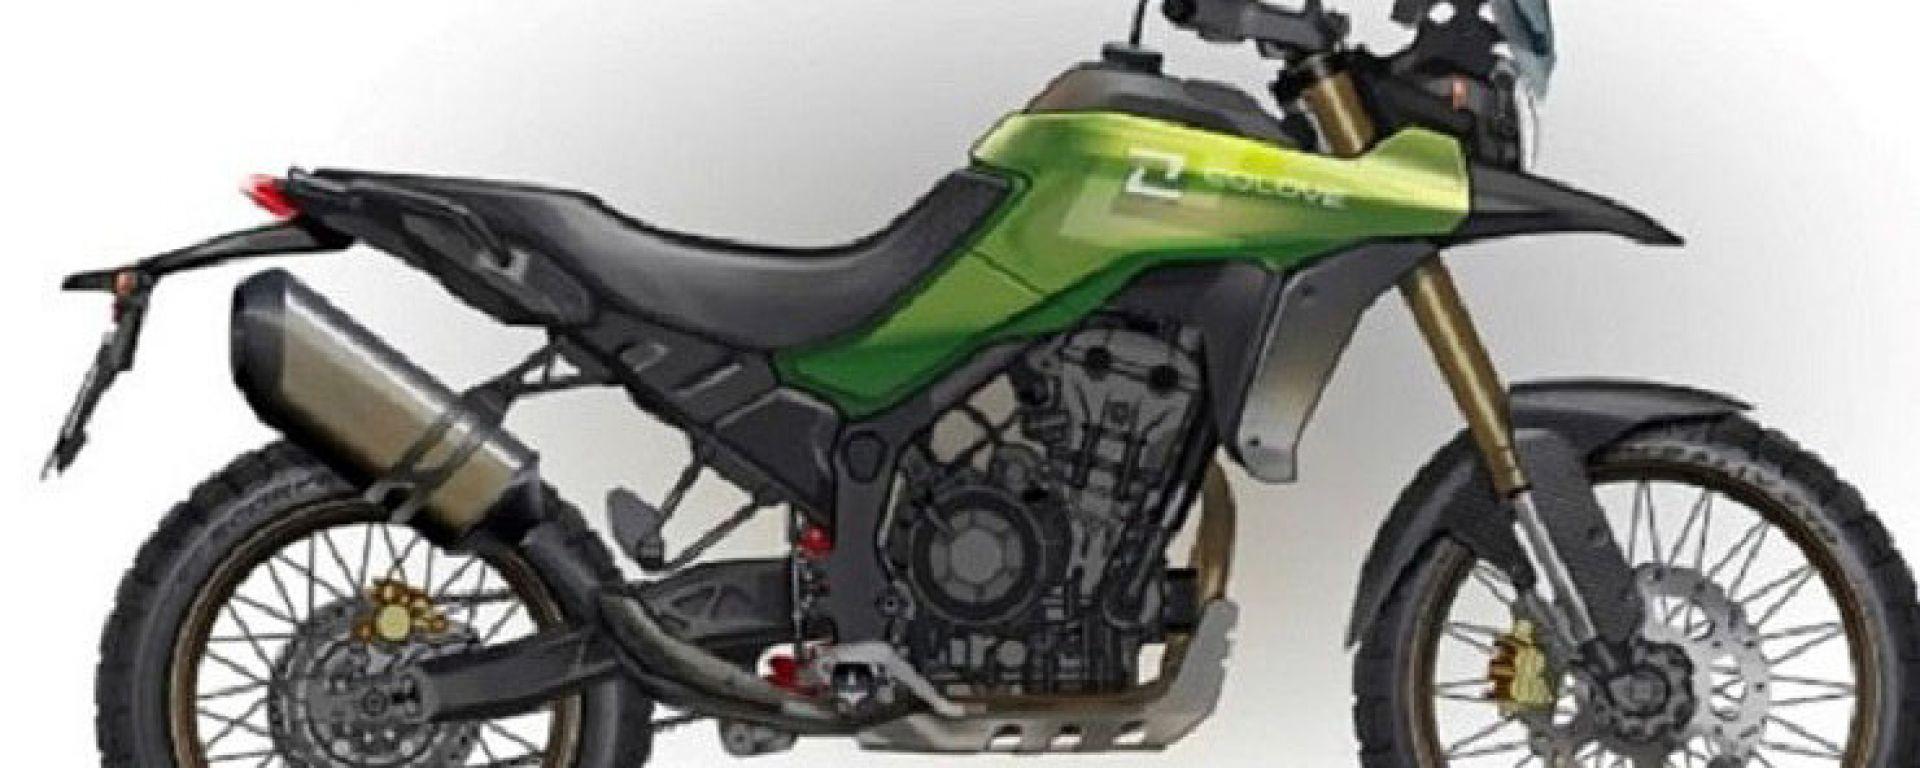 Colove 800X, uno dei design proposti